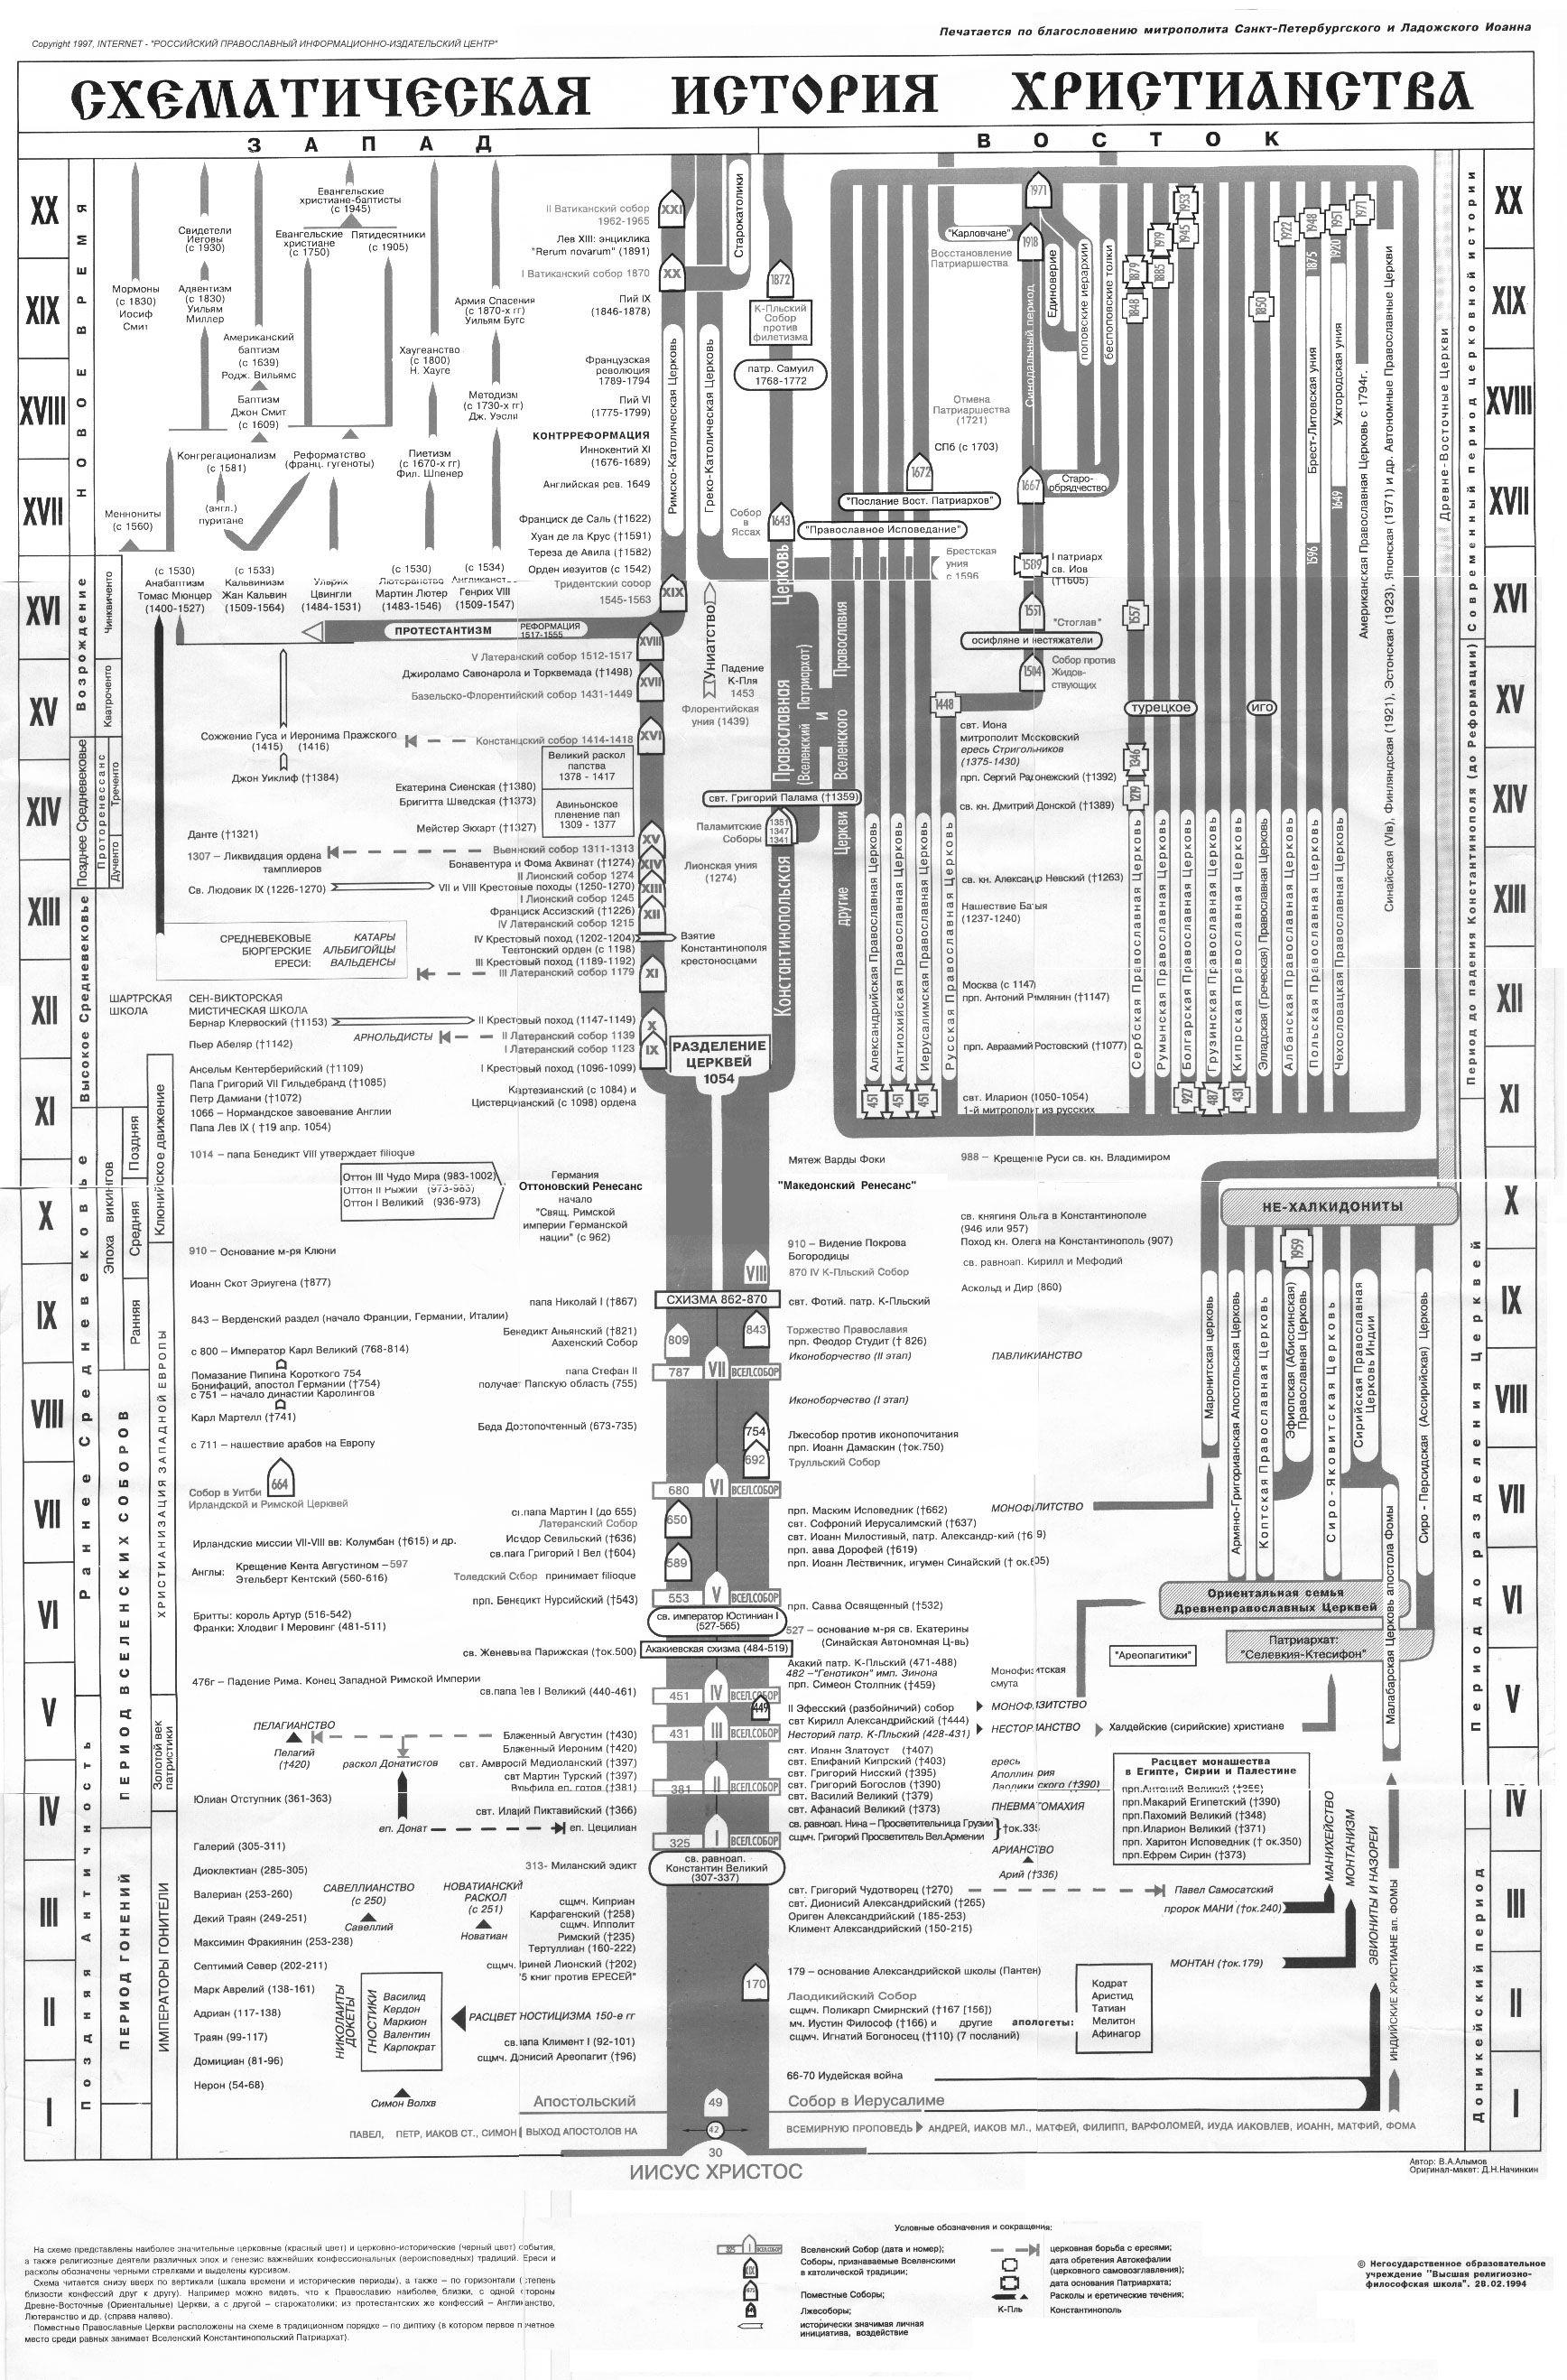 Shematicheskaya Istoriya Hristianstva Map Infographic Christianity